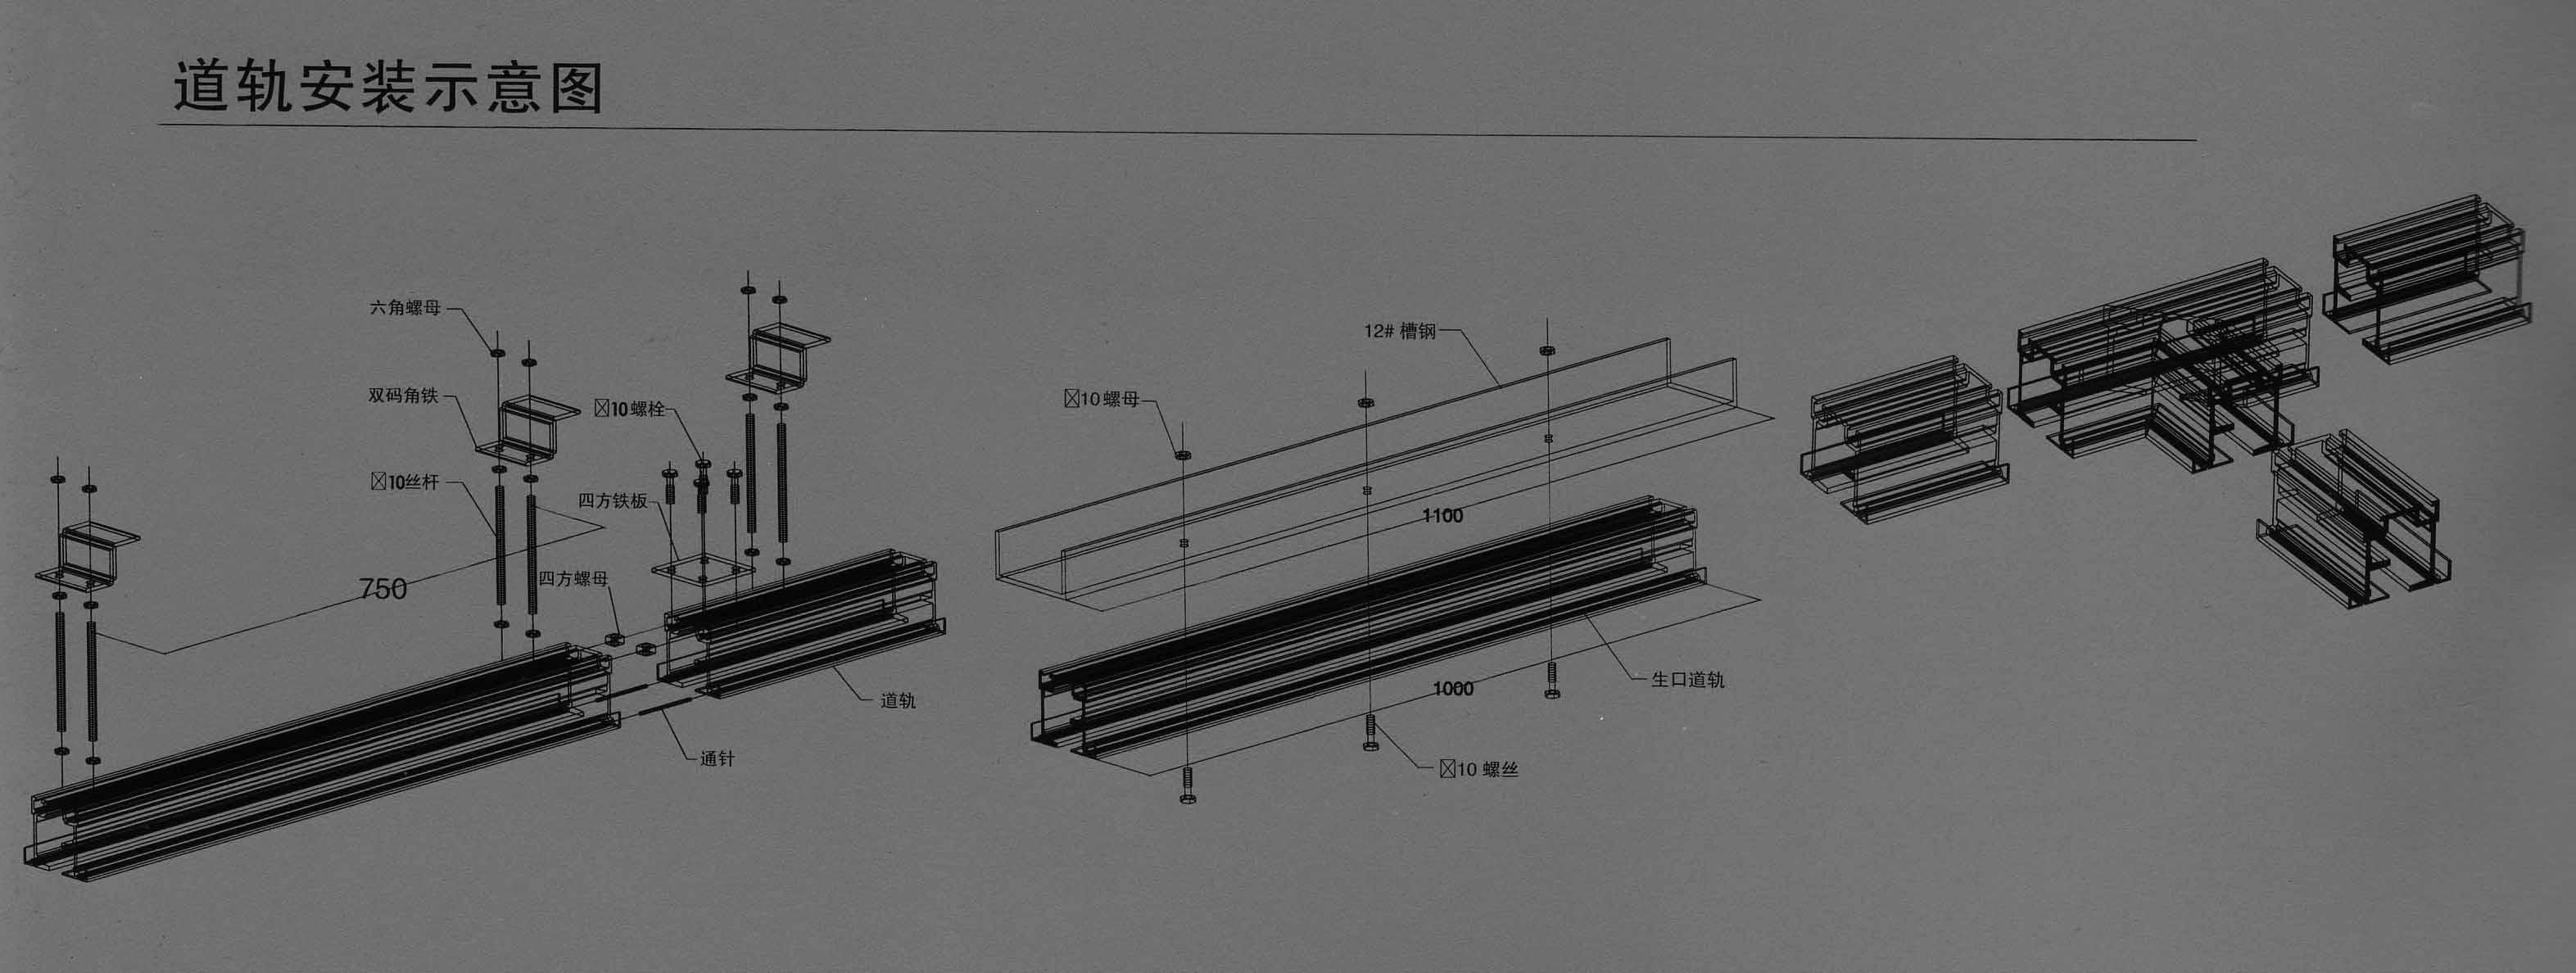 轨道安装立体图